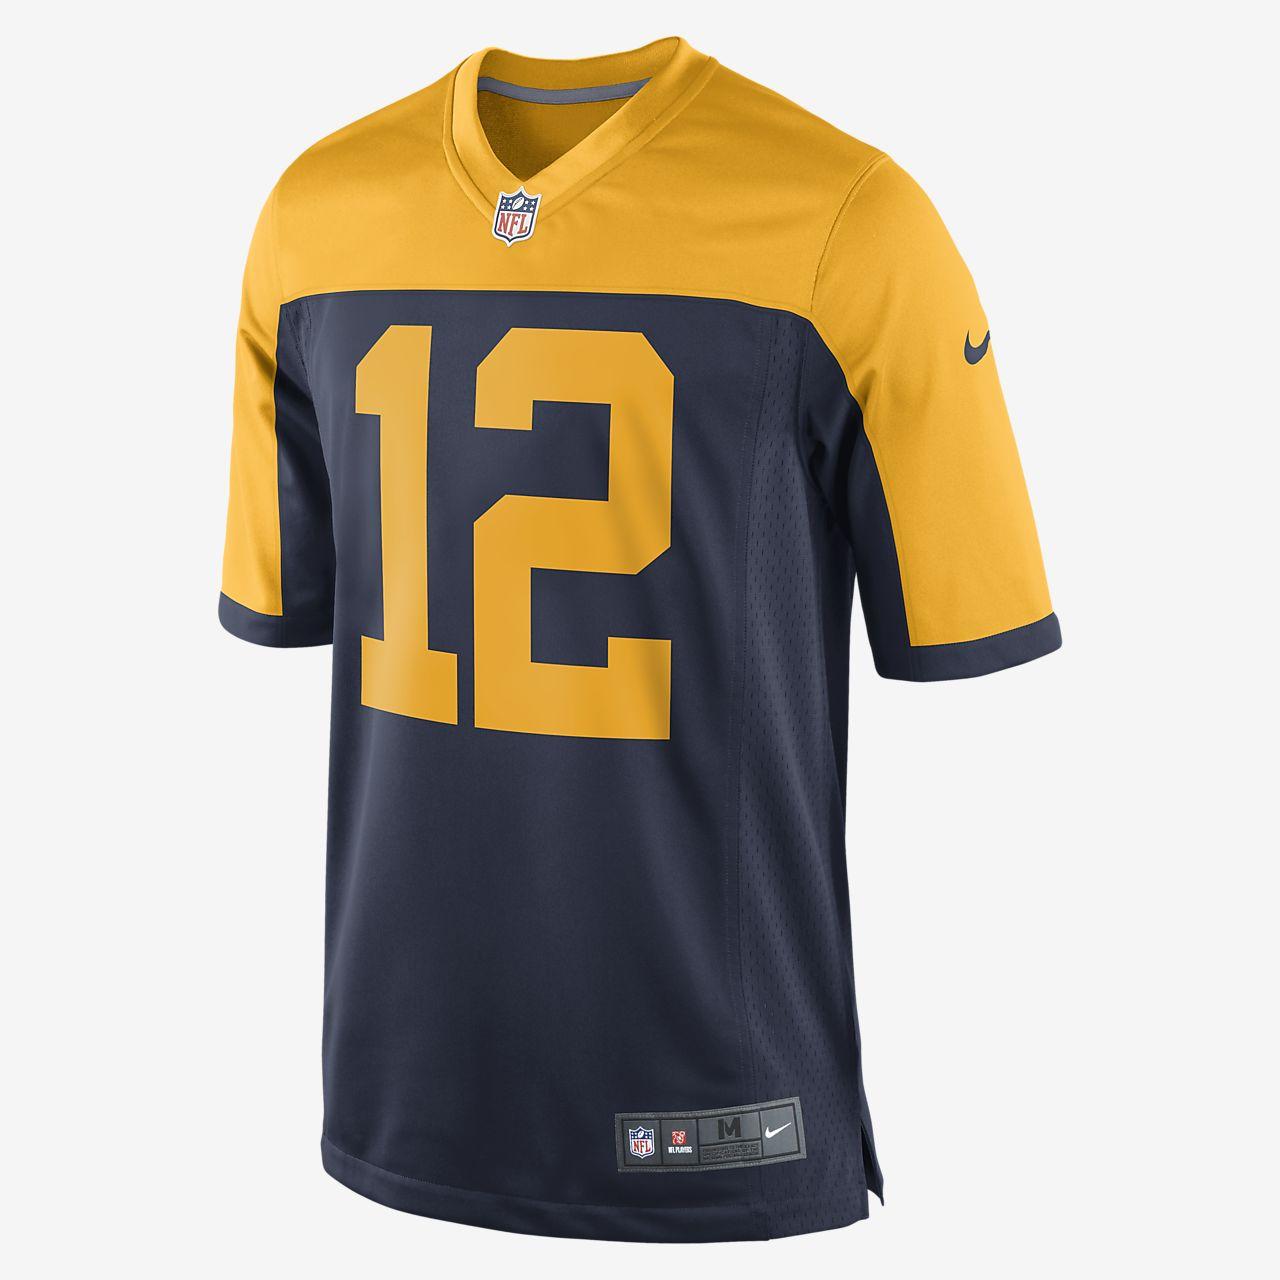 NFL Green Bay Packers (Aaron Rodgers) férfi amerikaifutball-mérkőzésmez